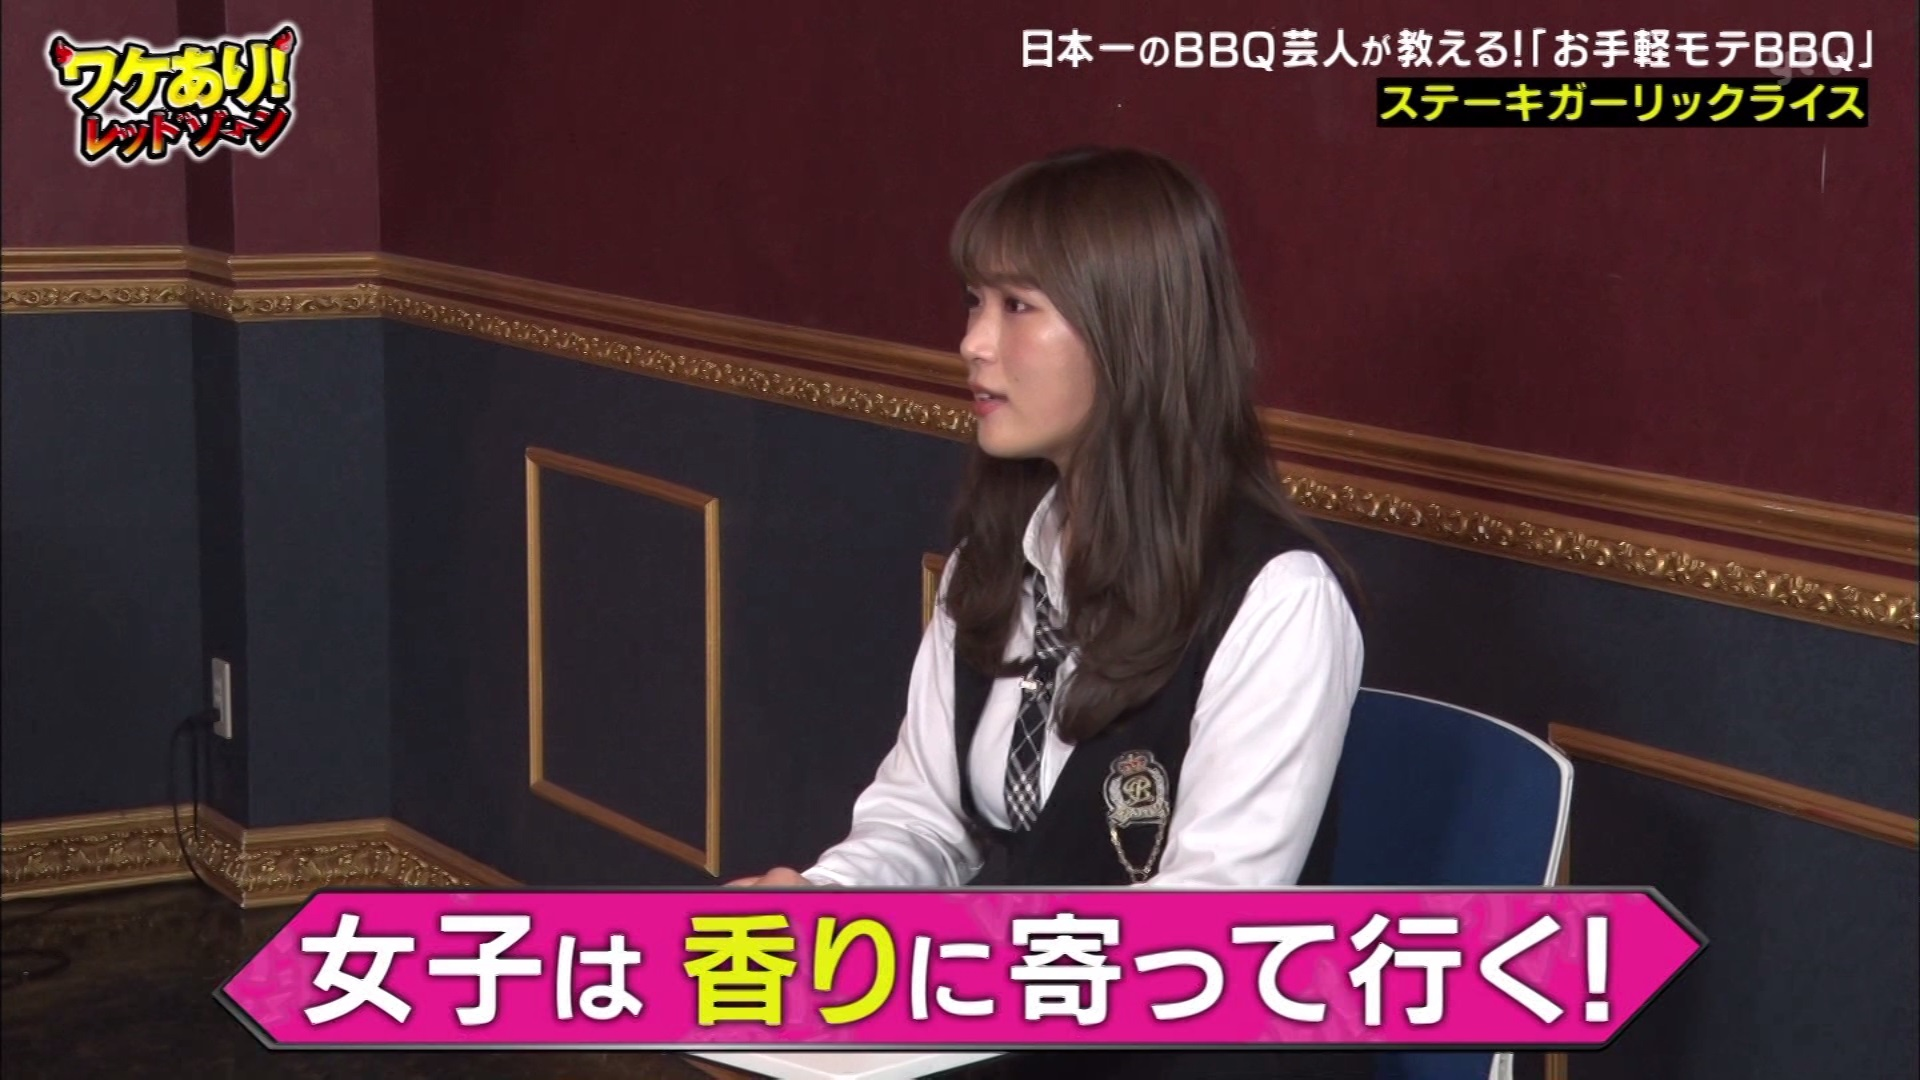 【渋谷凪咲】なぎさ出演 7月4日放送「ワケあり!レッドゾーン」の画像。おうちBBQゾーン前編